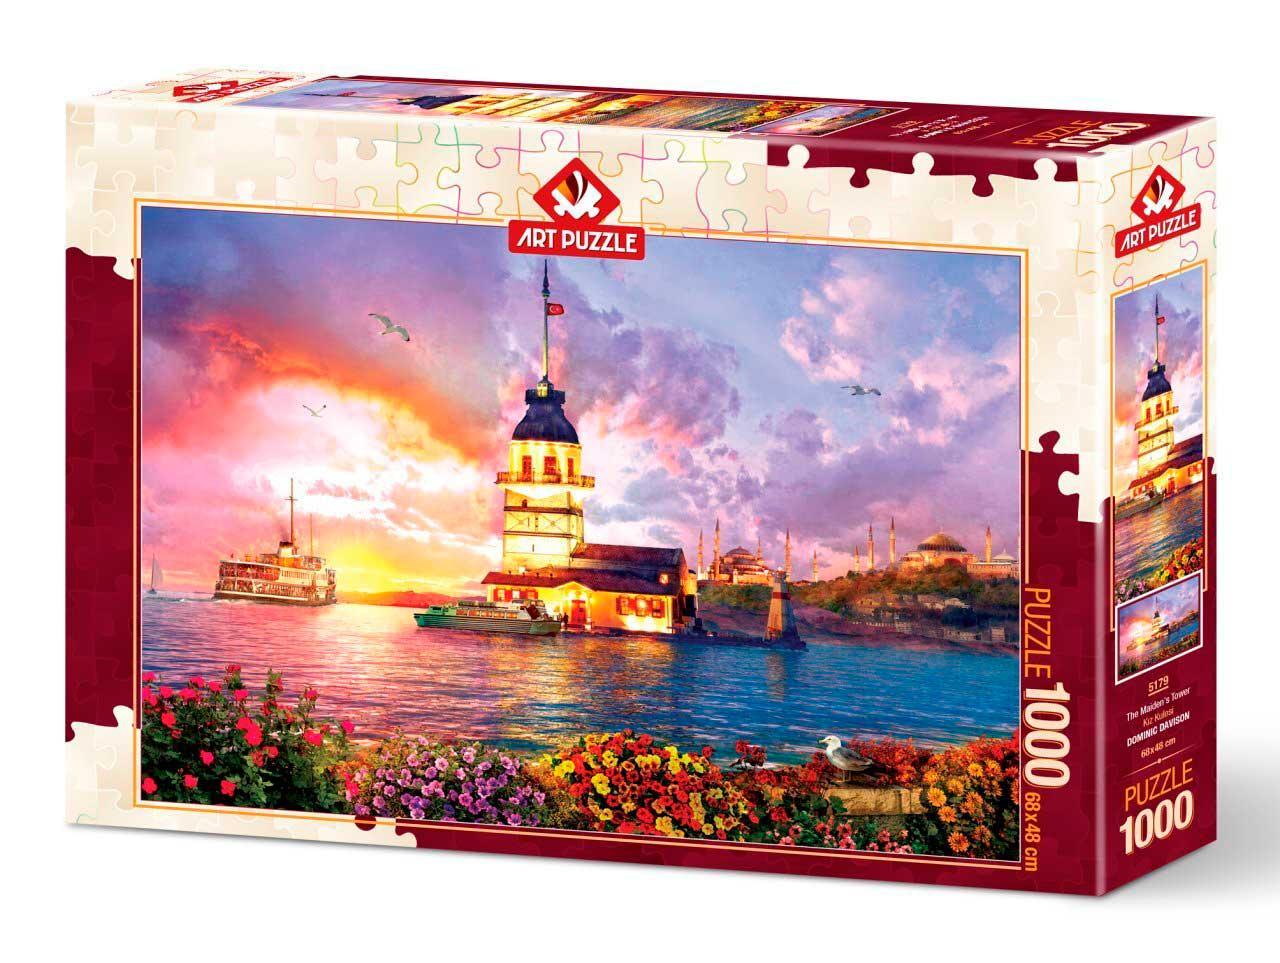 Puzzle Art Puzzle La Torre de Maiden de 1000 Piezas